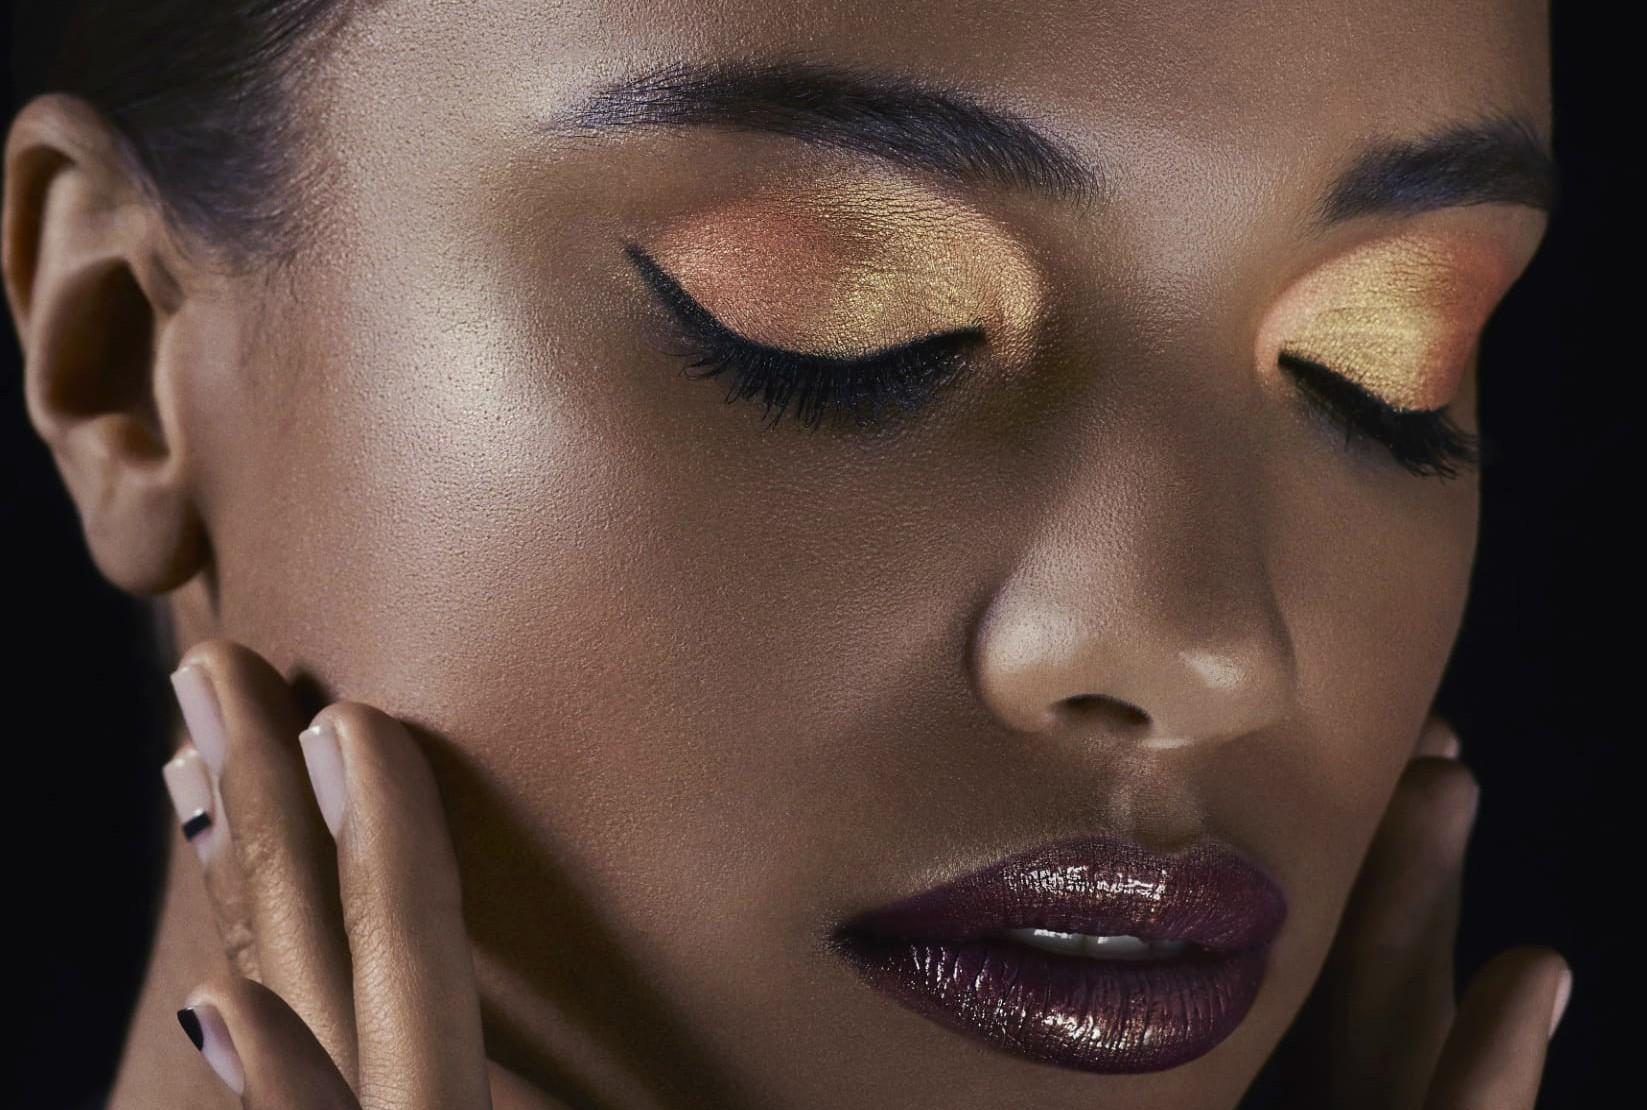 Merck apresenta novos produtos em feira de cosméticos